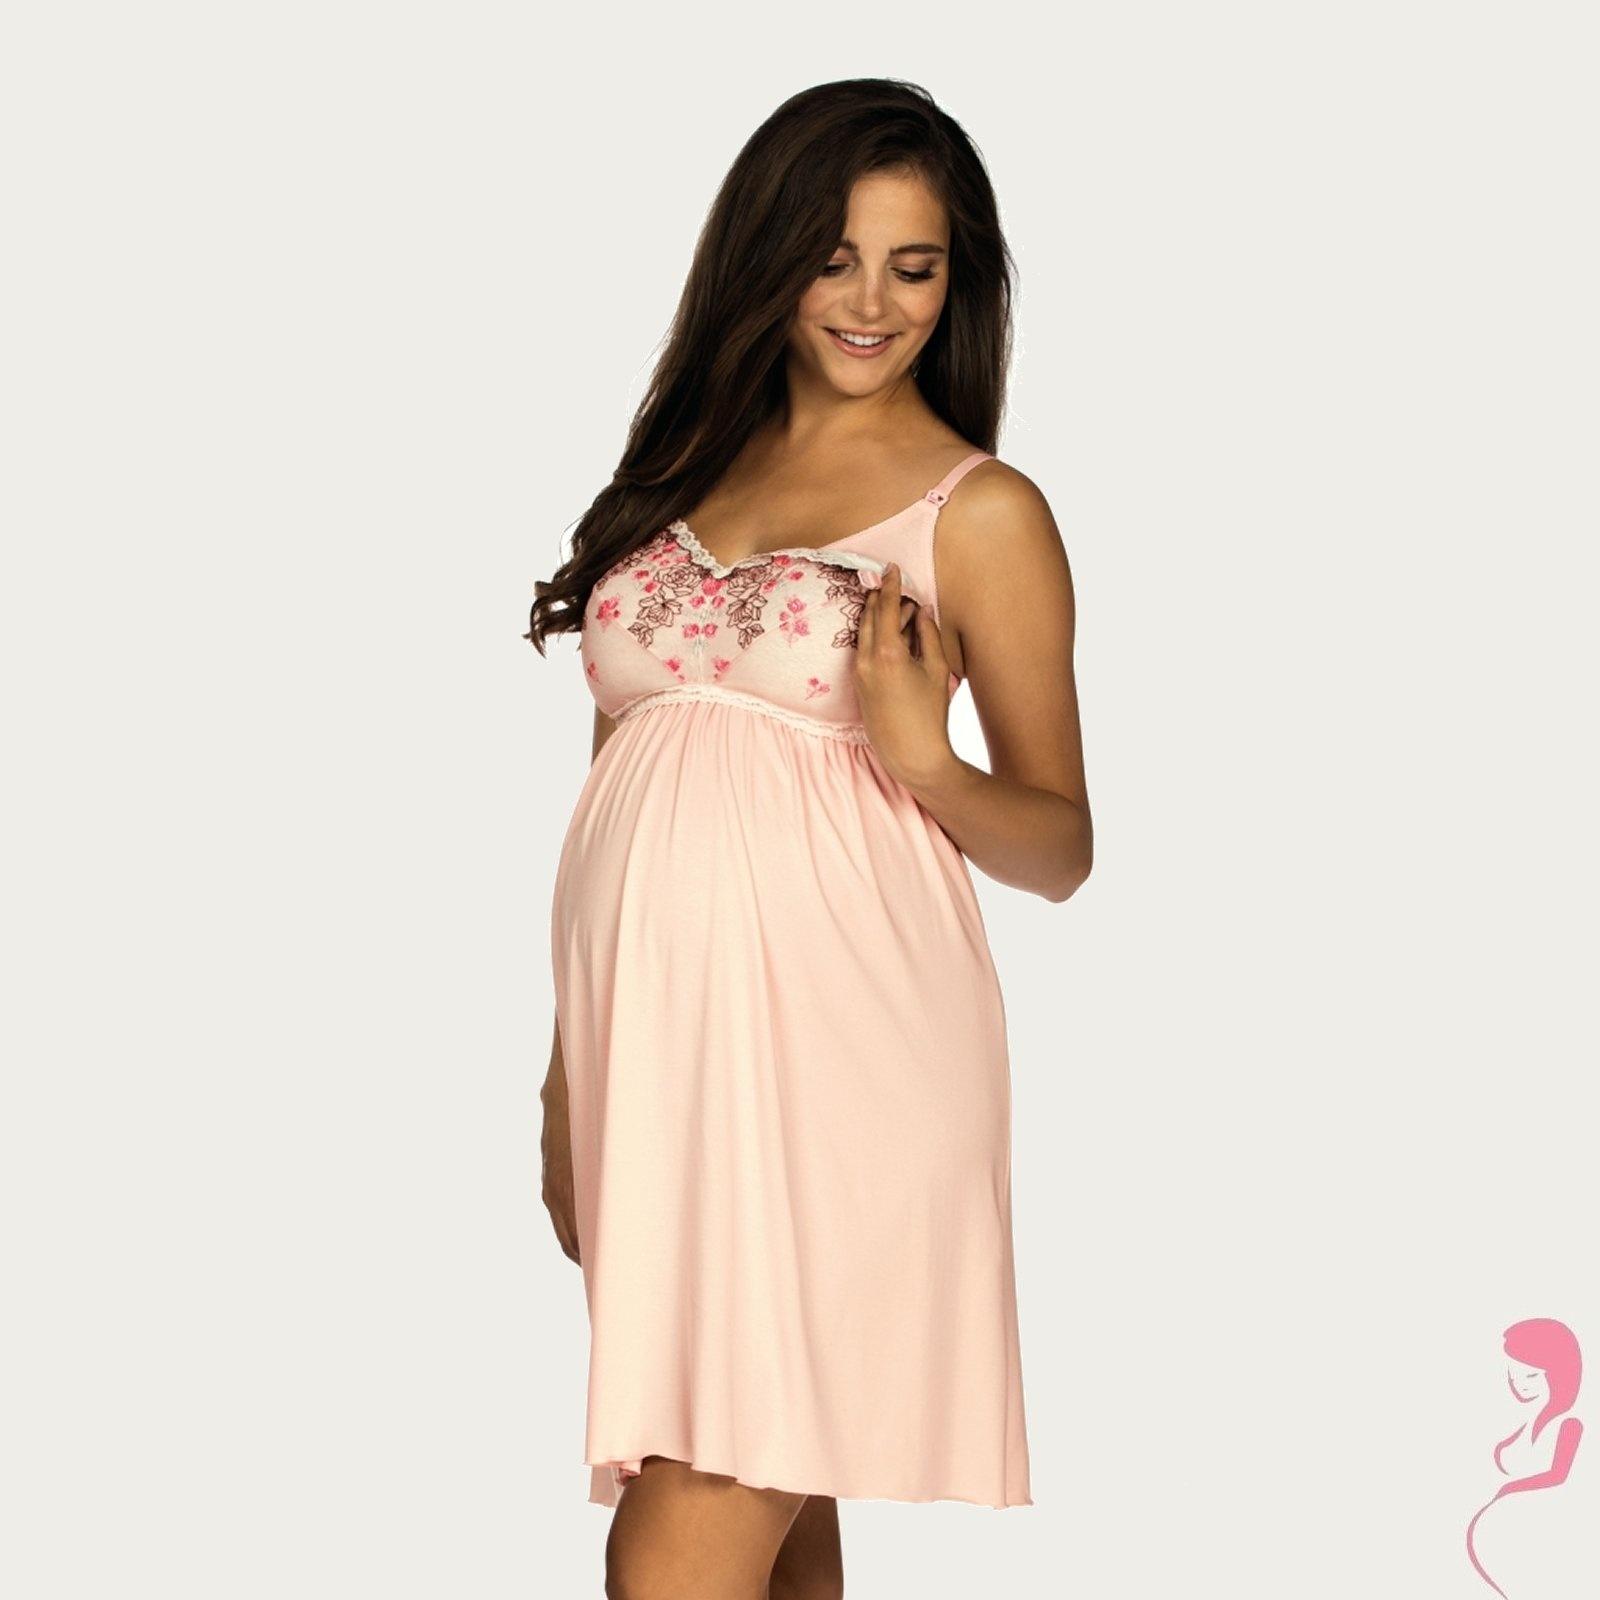 Lupoline Zwangerschapsjurk - Voedingsjurk Pink Flower